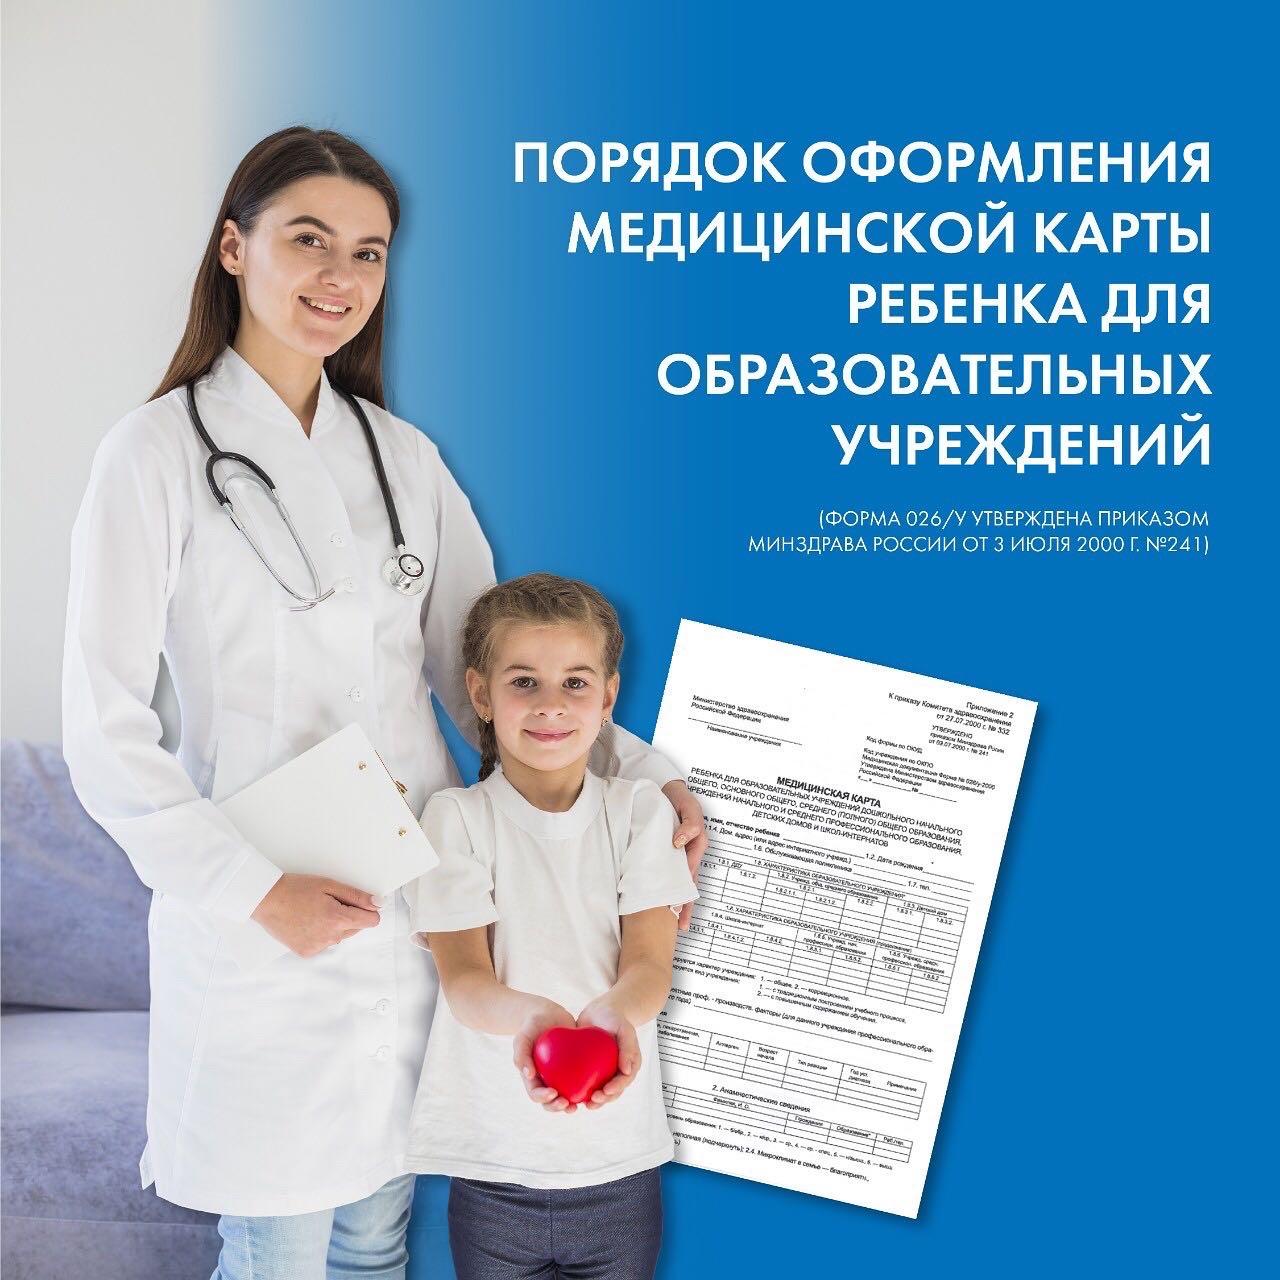 Порядок оформления медицинской карты ребенка для образовательных учреждений